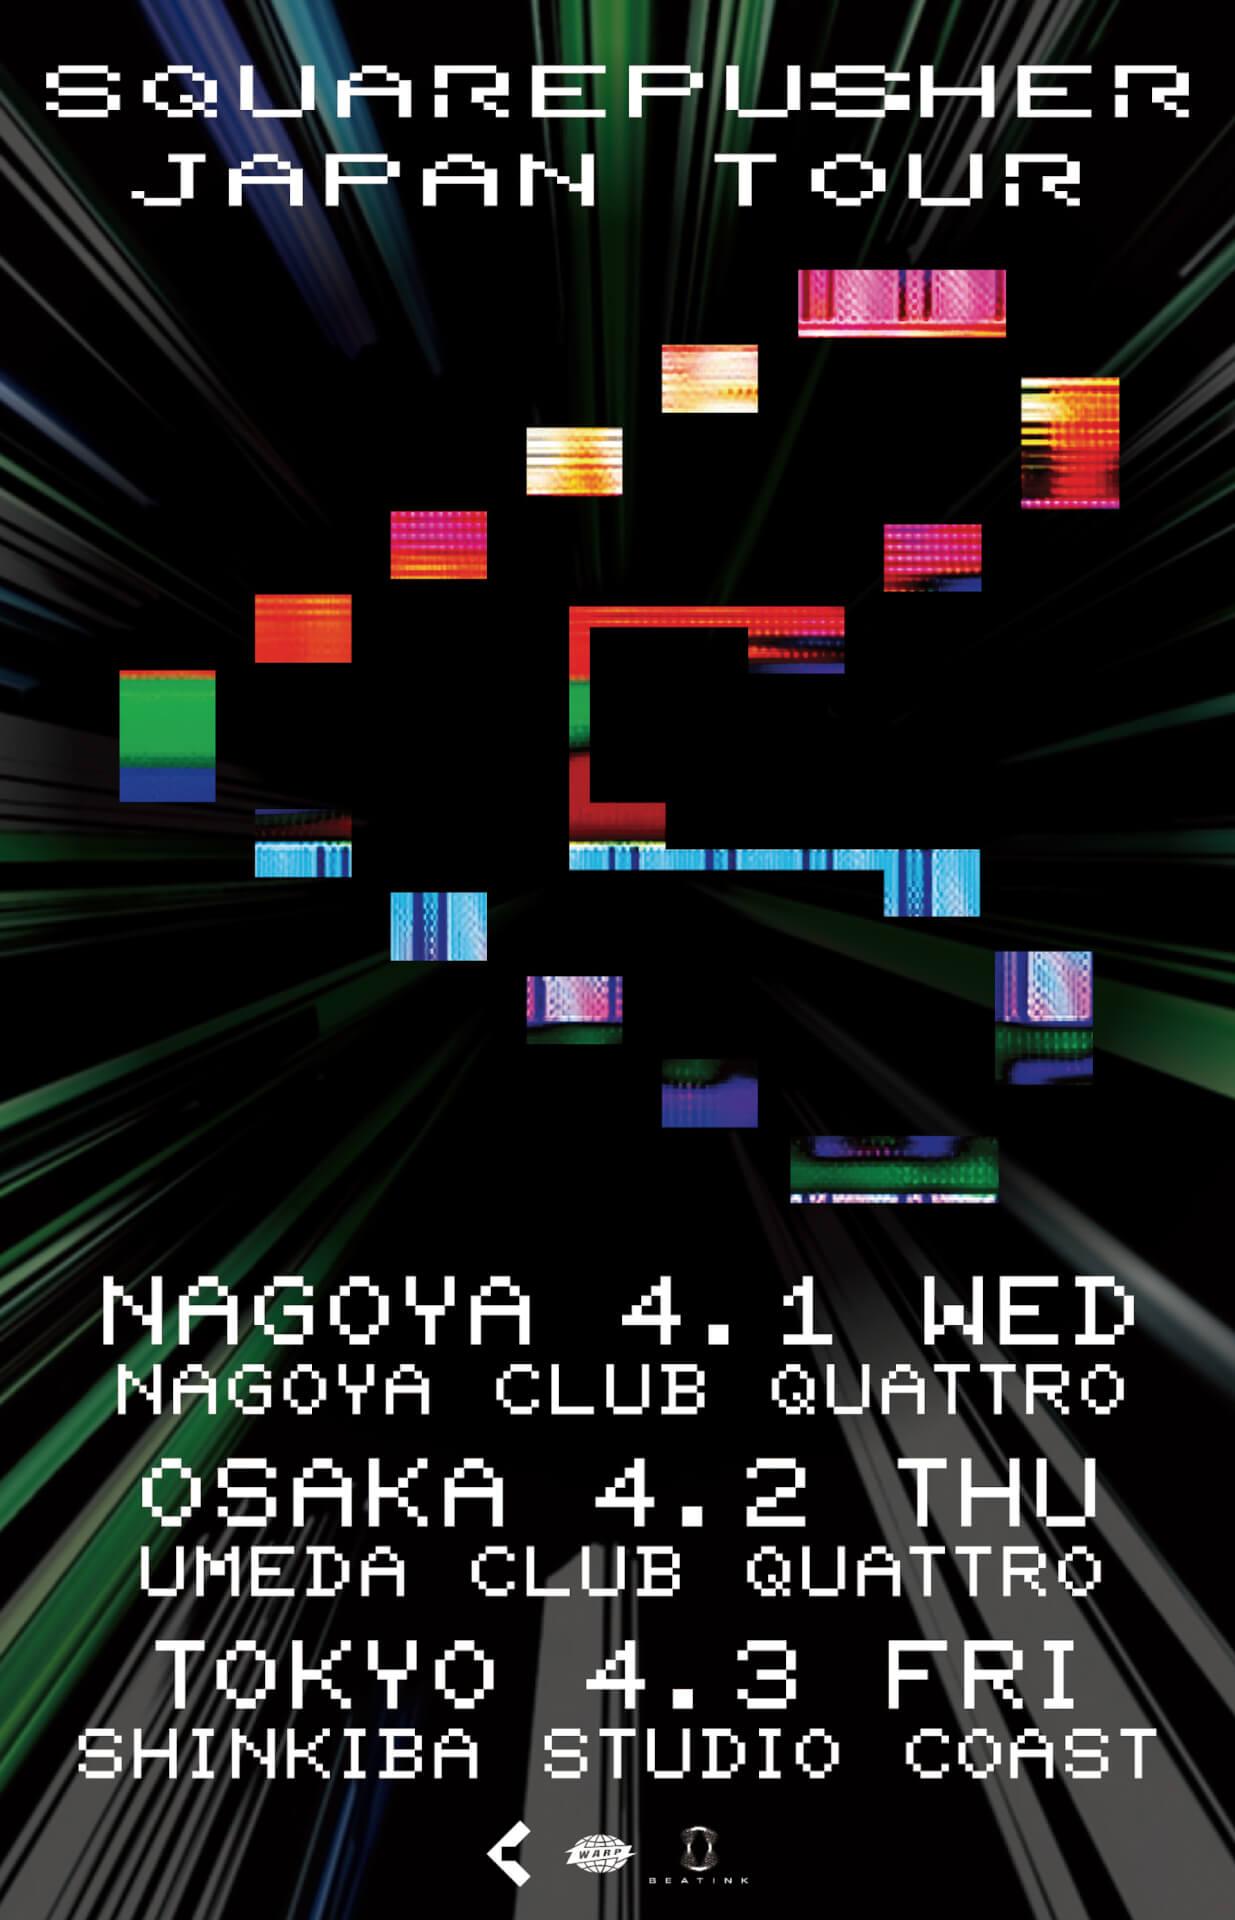 スクエアプッシャー『BE UP A HELLO』リリース前夜祭がタワレコ渋谷で開催決定!真鍋大度、mito、たなしんのトークライブも music200128_squarepusher_12